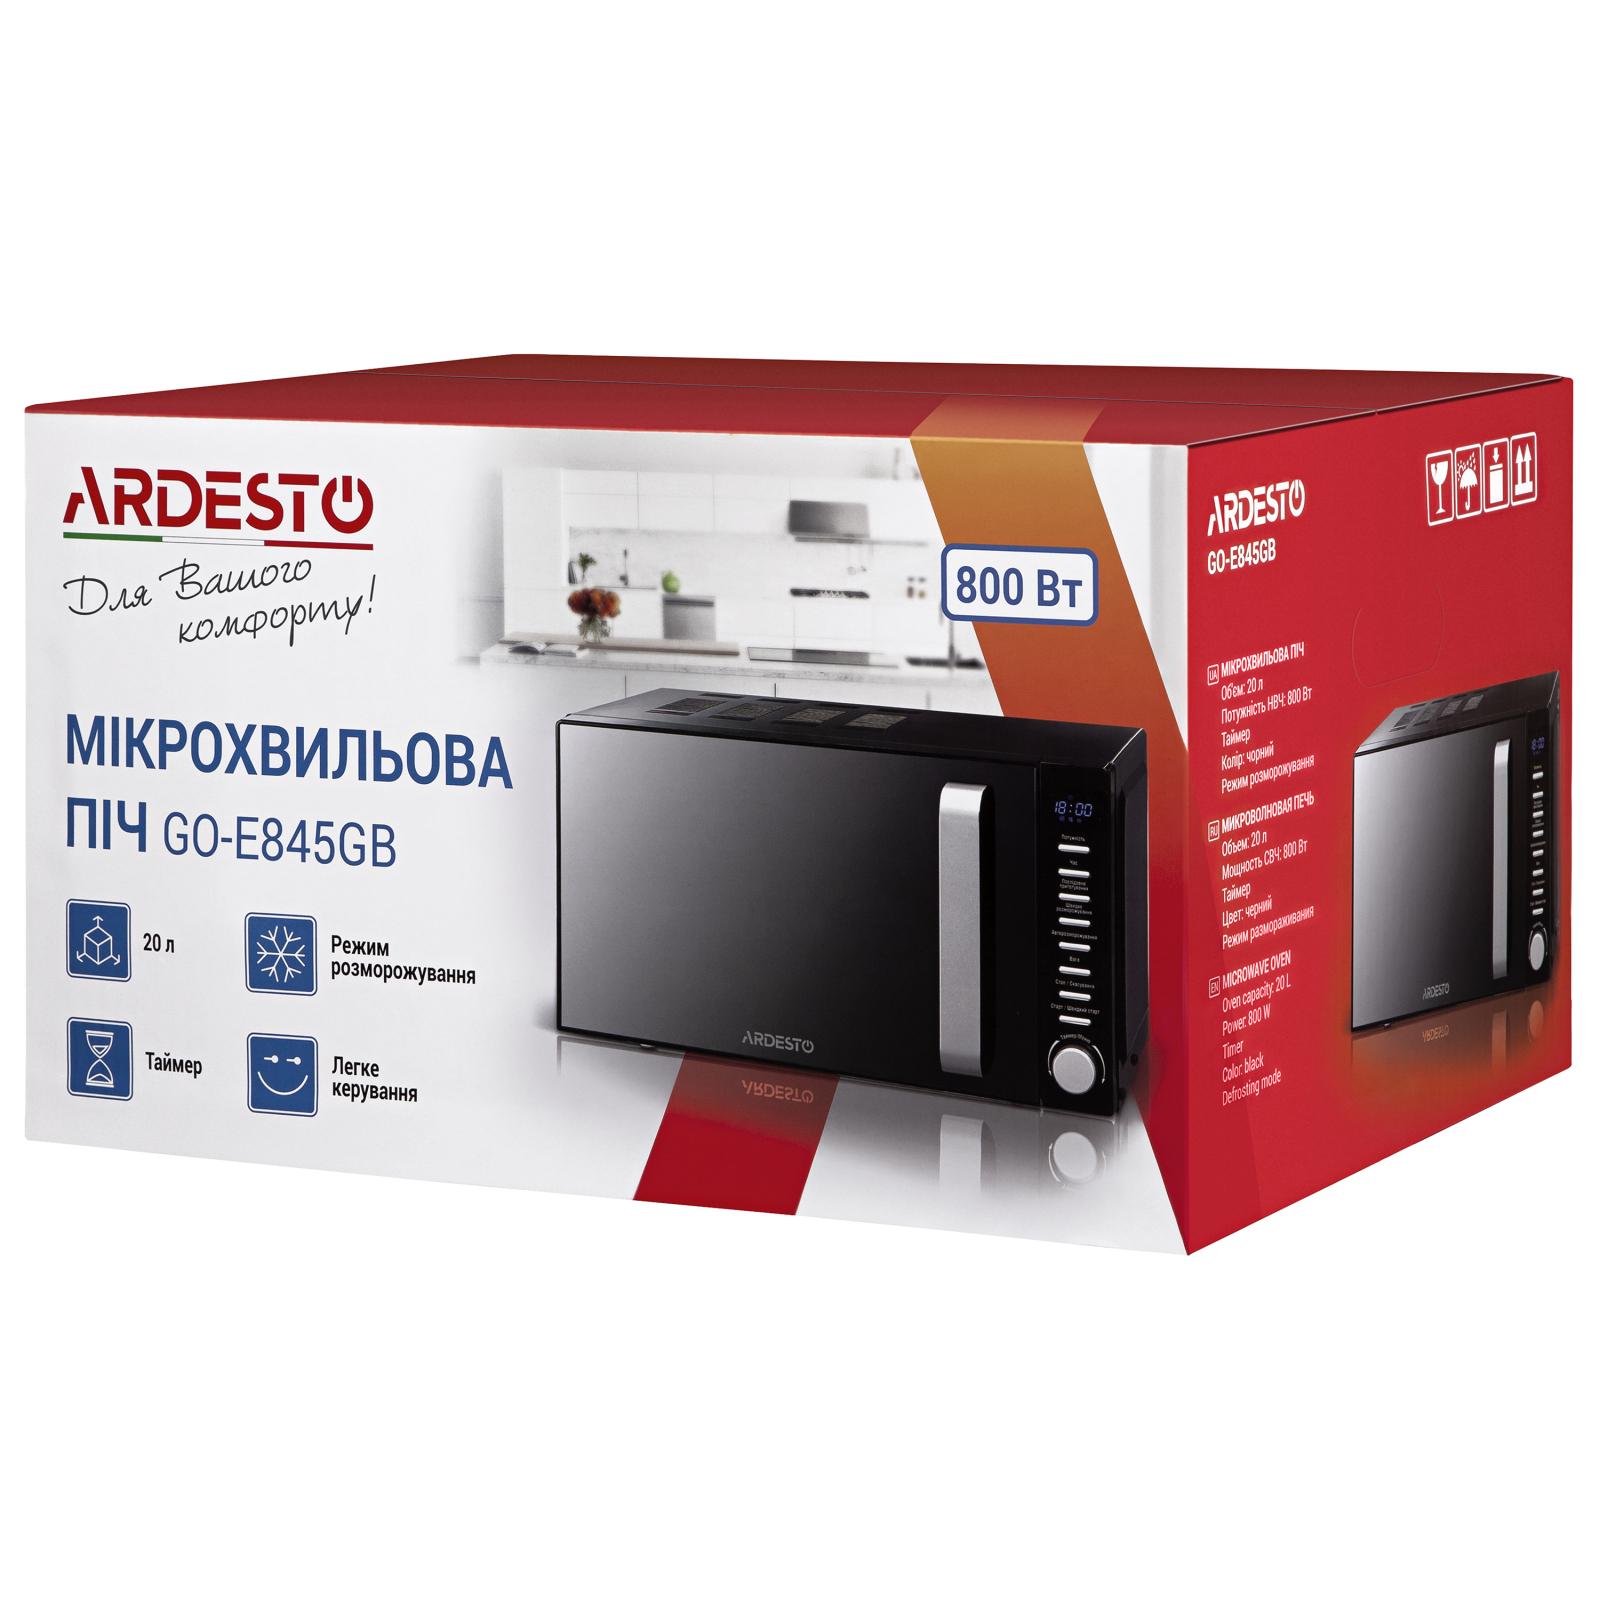 Микроволновая печь Ardesto GO-E845GB изображение 4